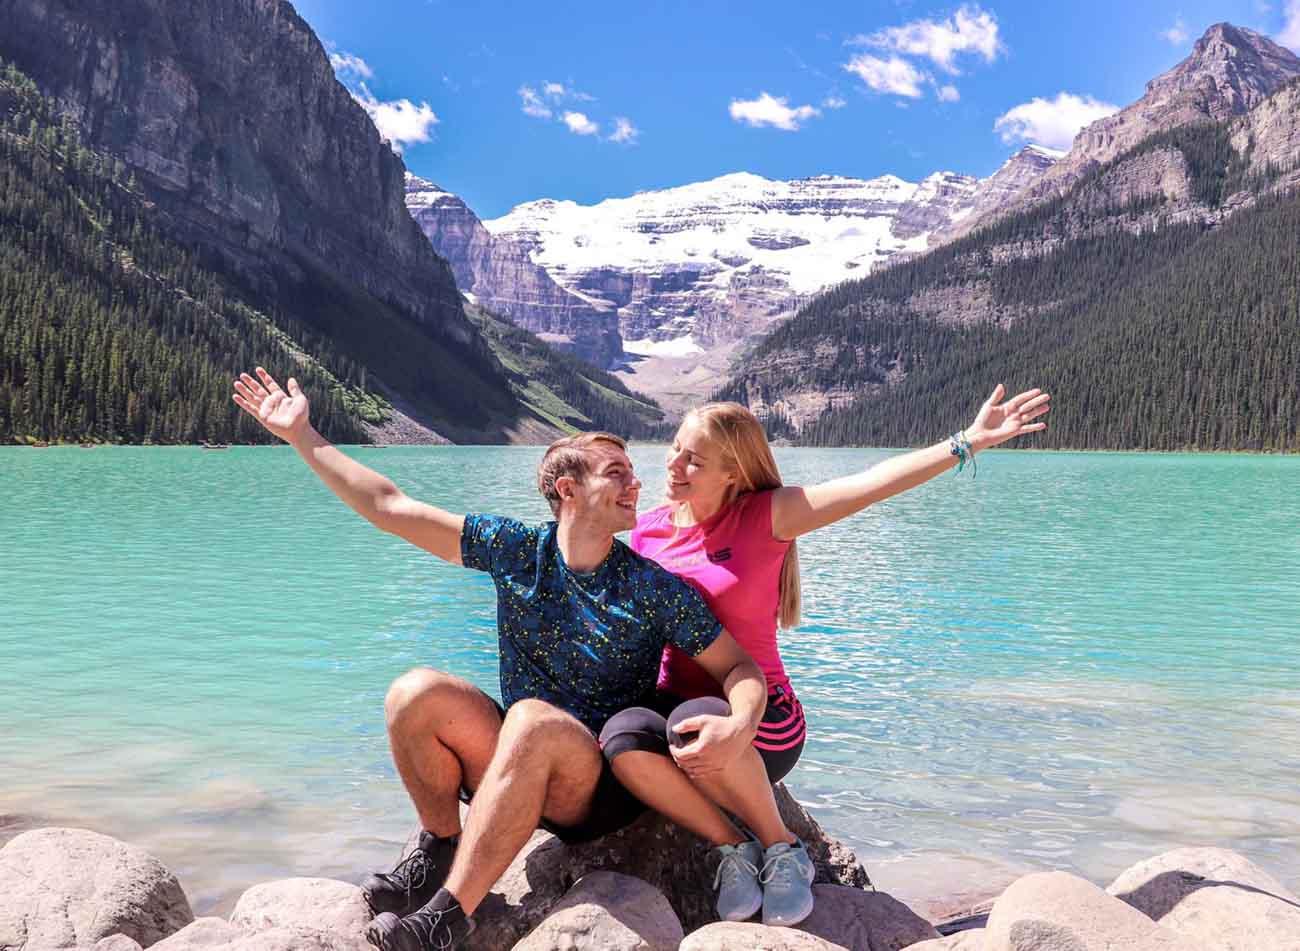 Rozhovor - Matěj a Natka - o Working holiday v Banffu